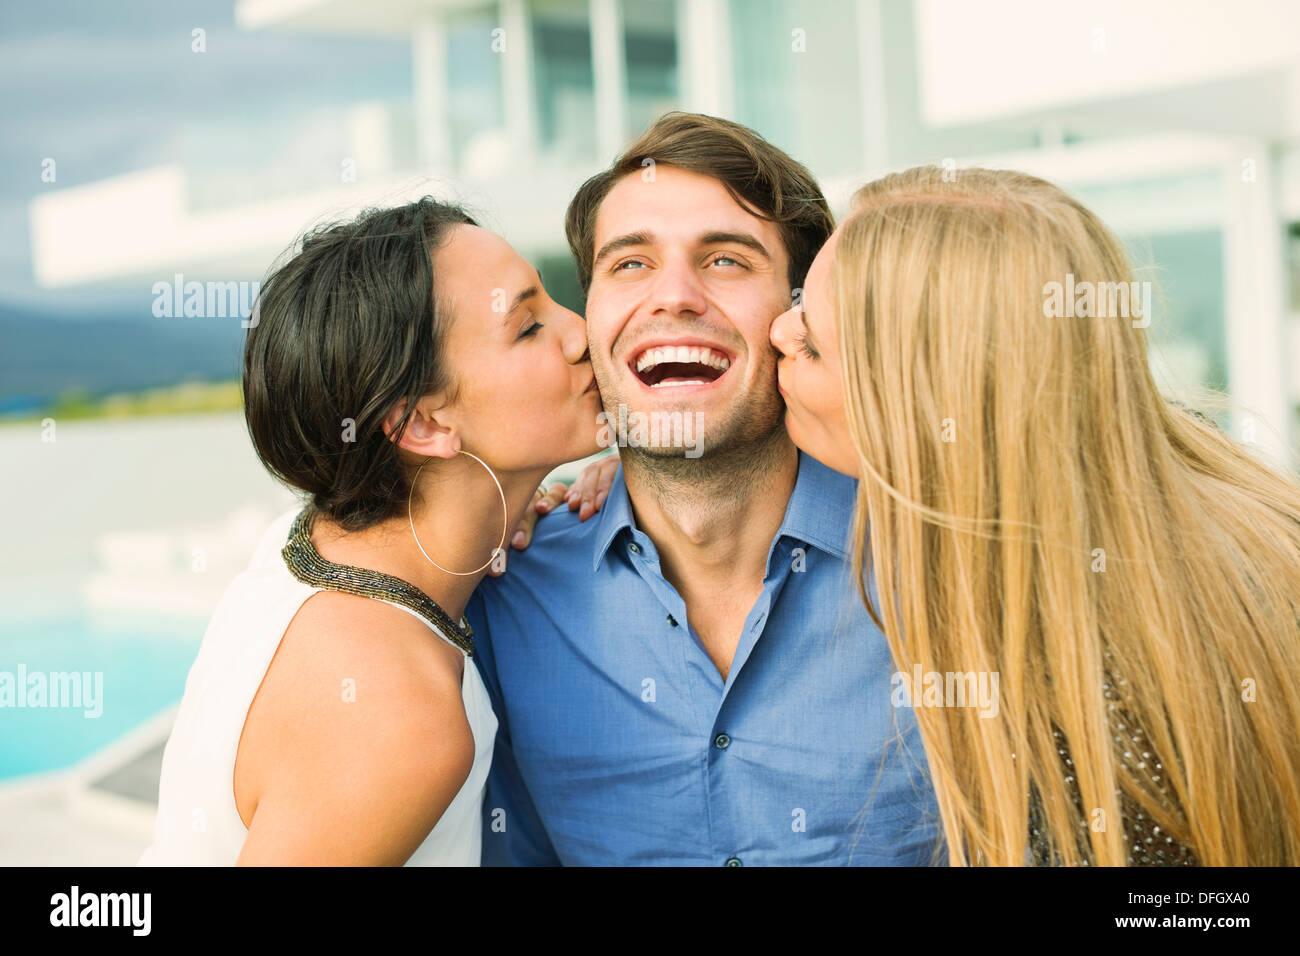 Donna Uomo baciando la guancia all'aperto Immagini Stock